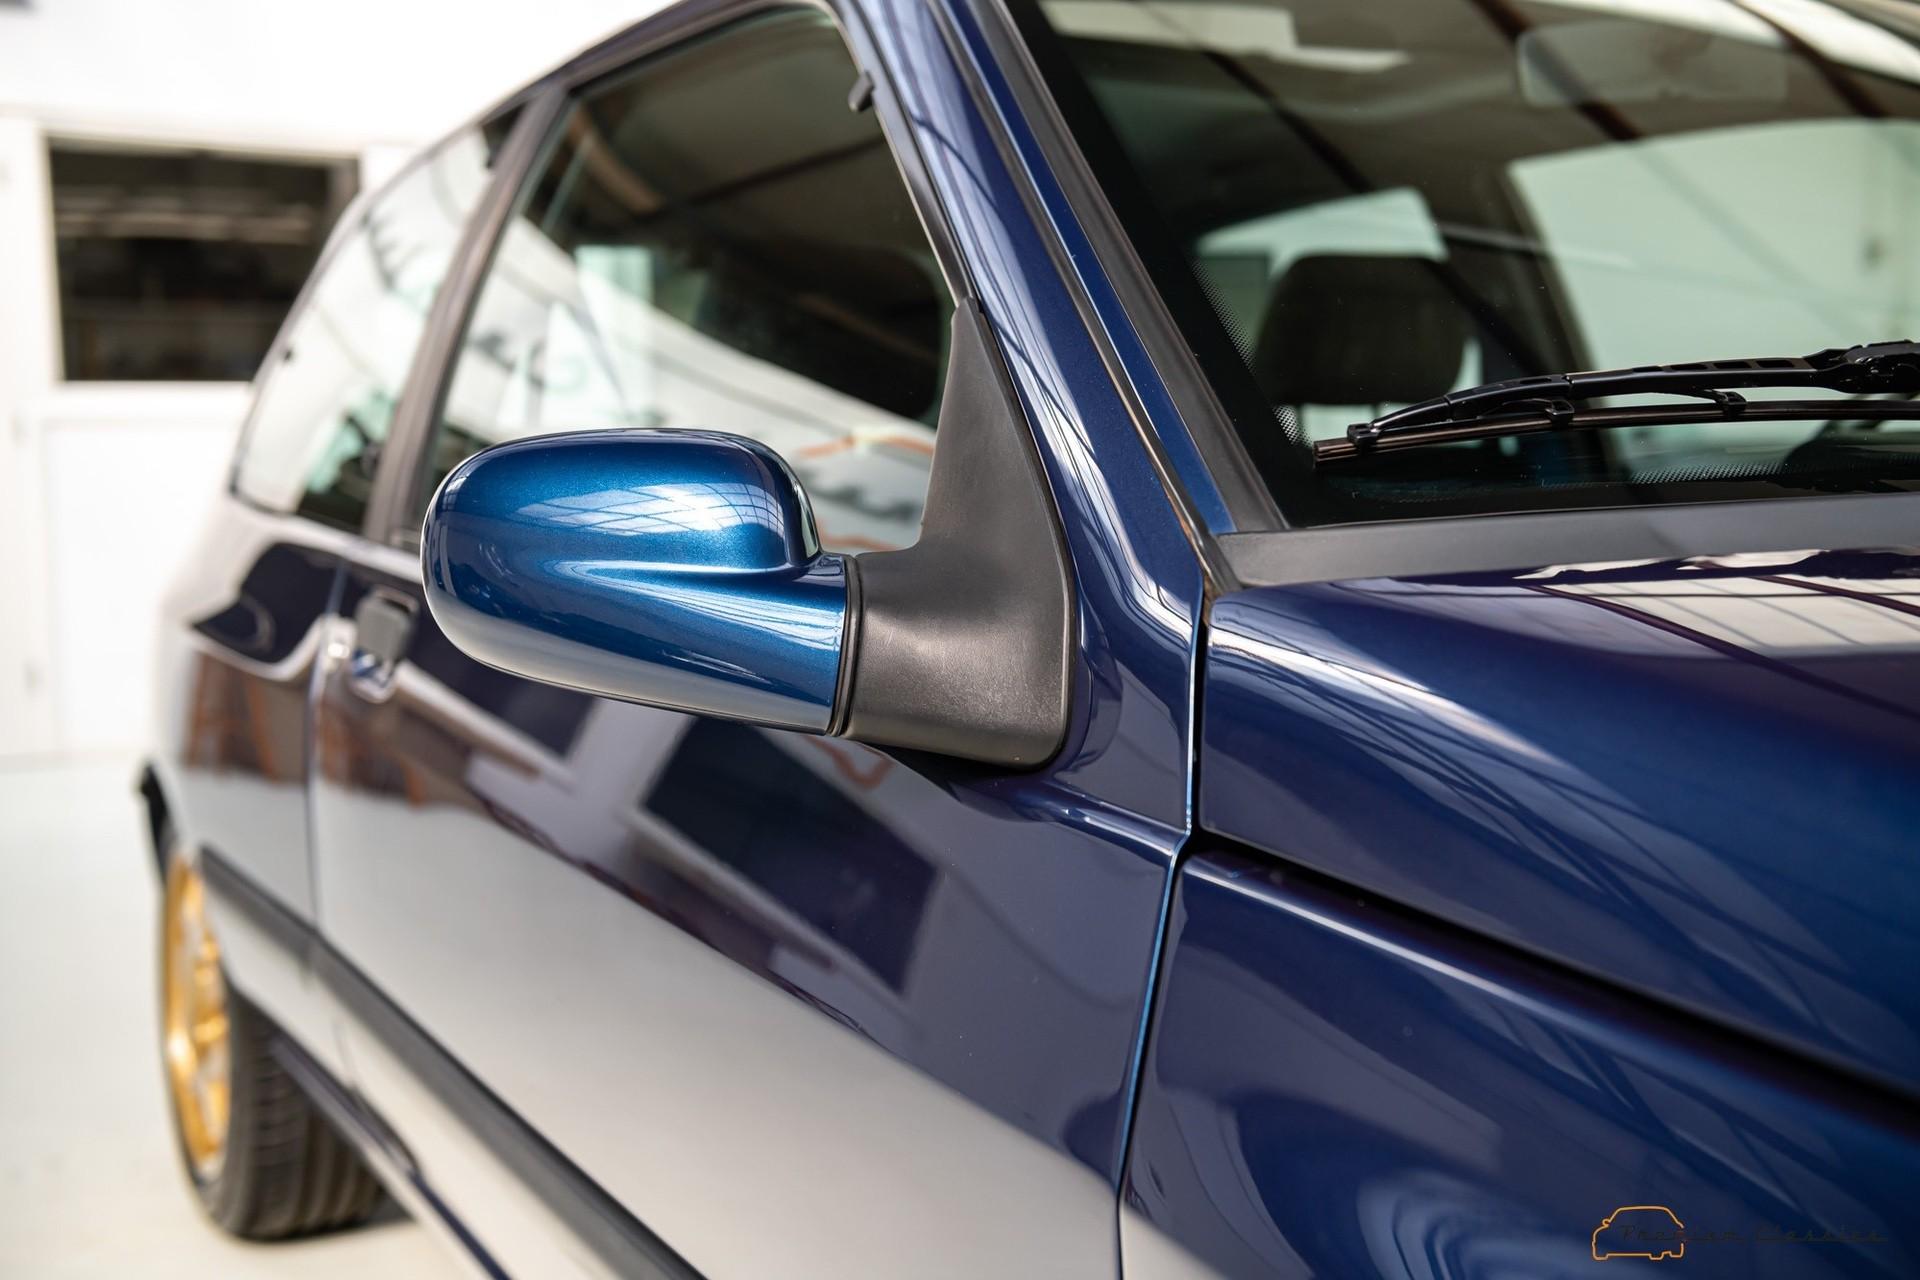 Renault_Clio_Williams_sale-0021